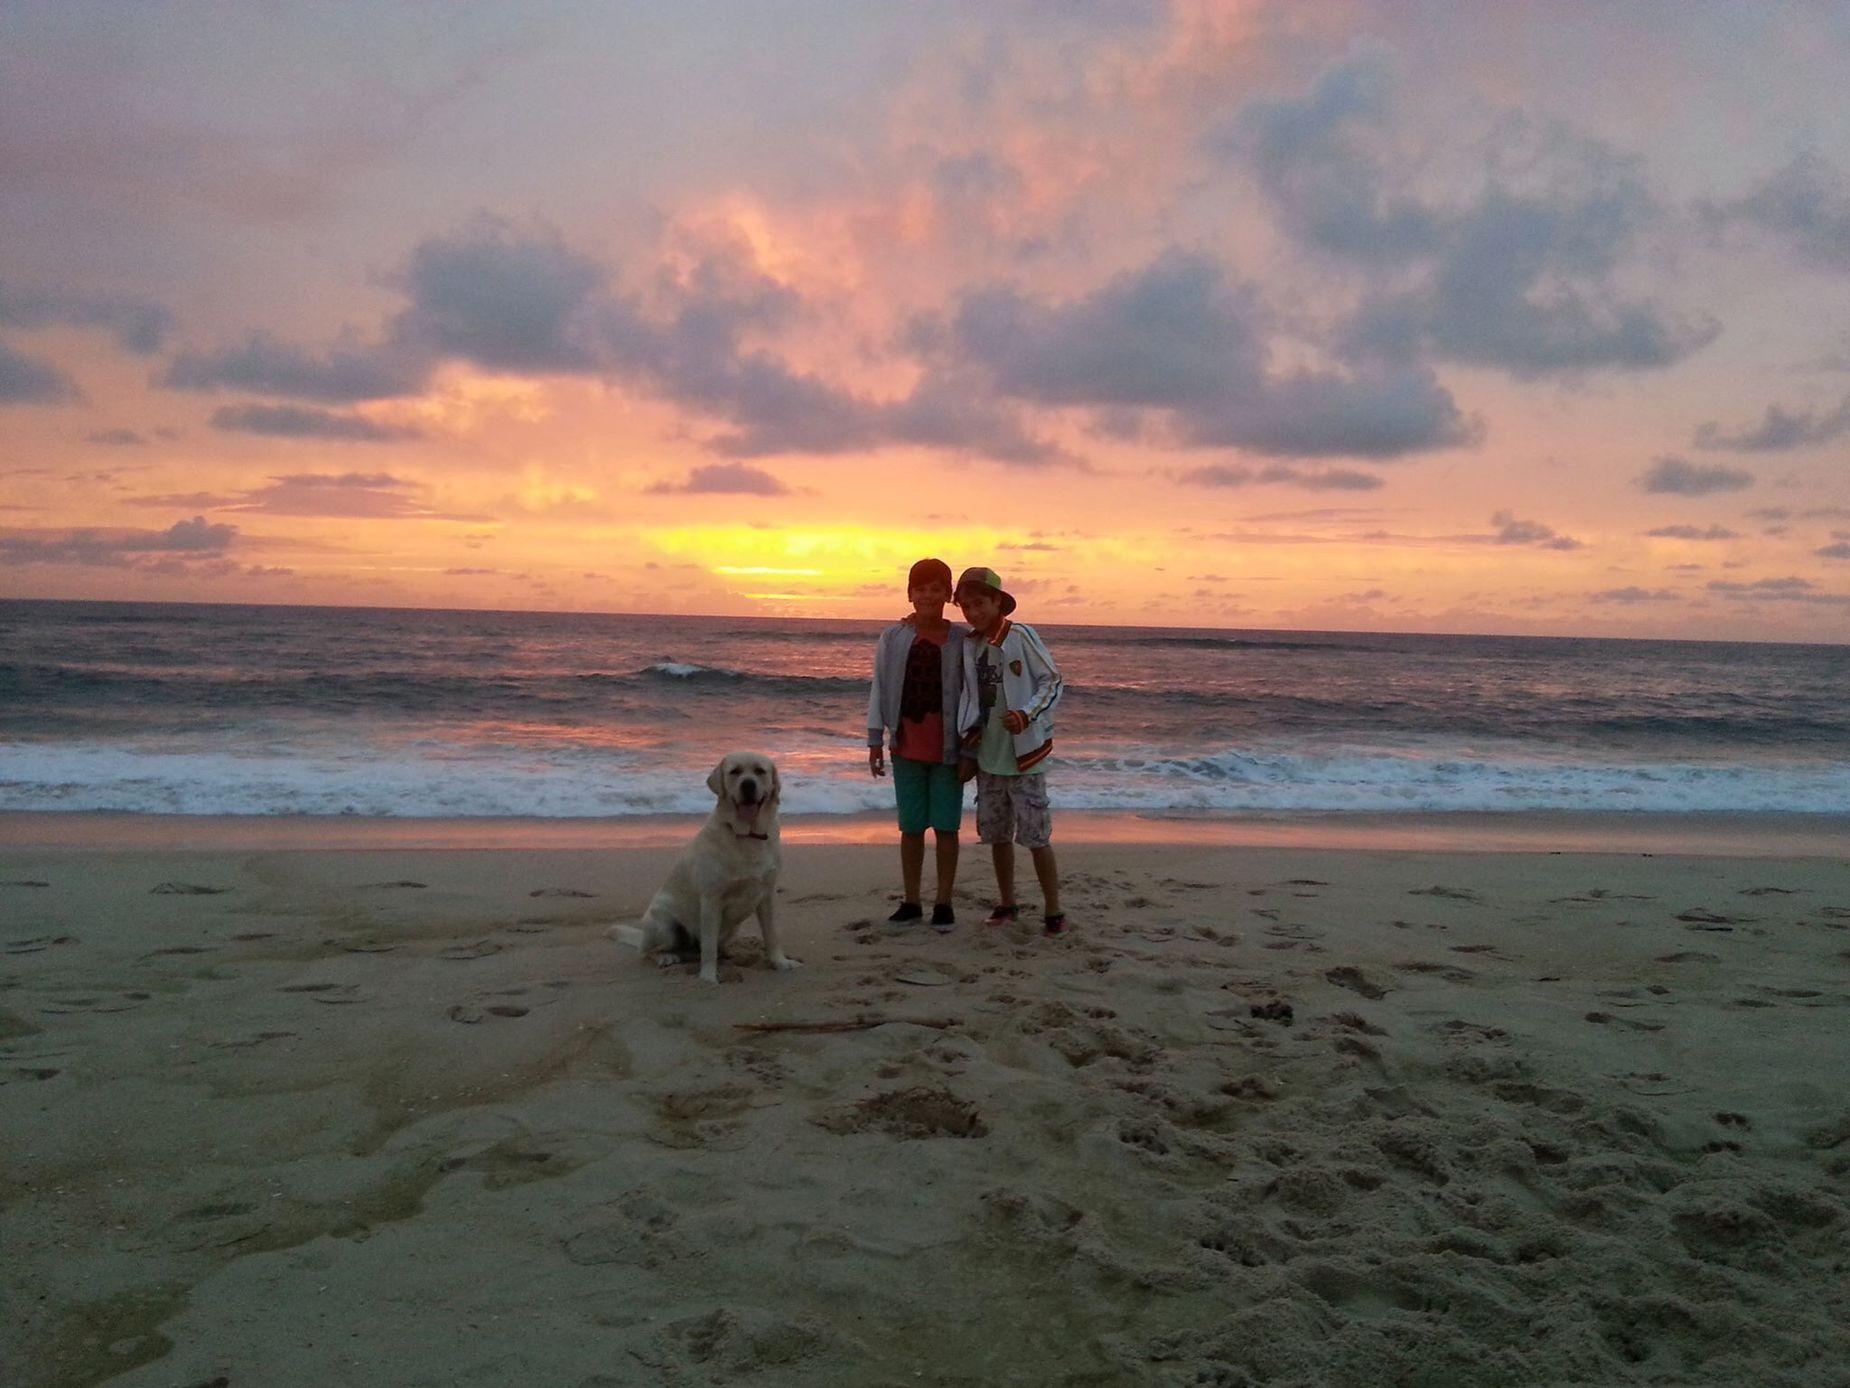 Sunset Lifestyles Beach Sea Nature Semfiltro Pordosol Praiadavieira